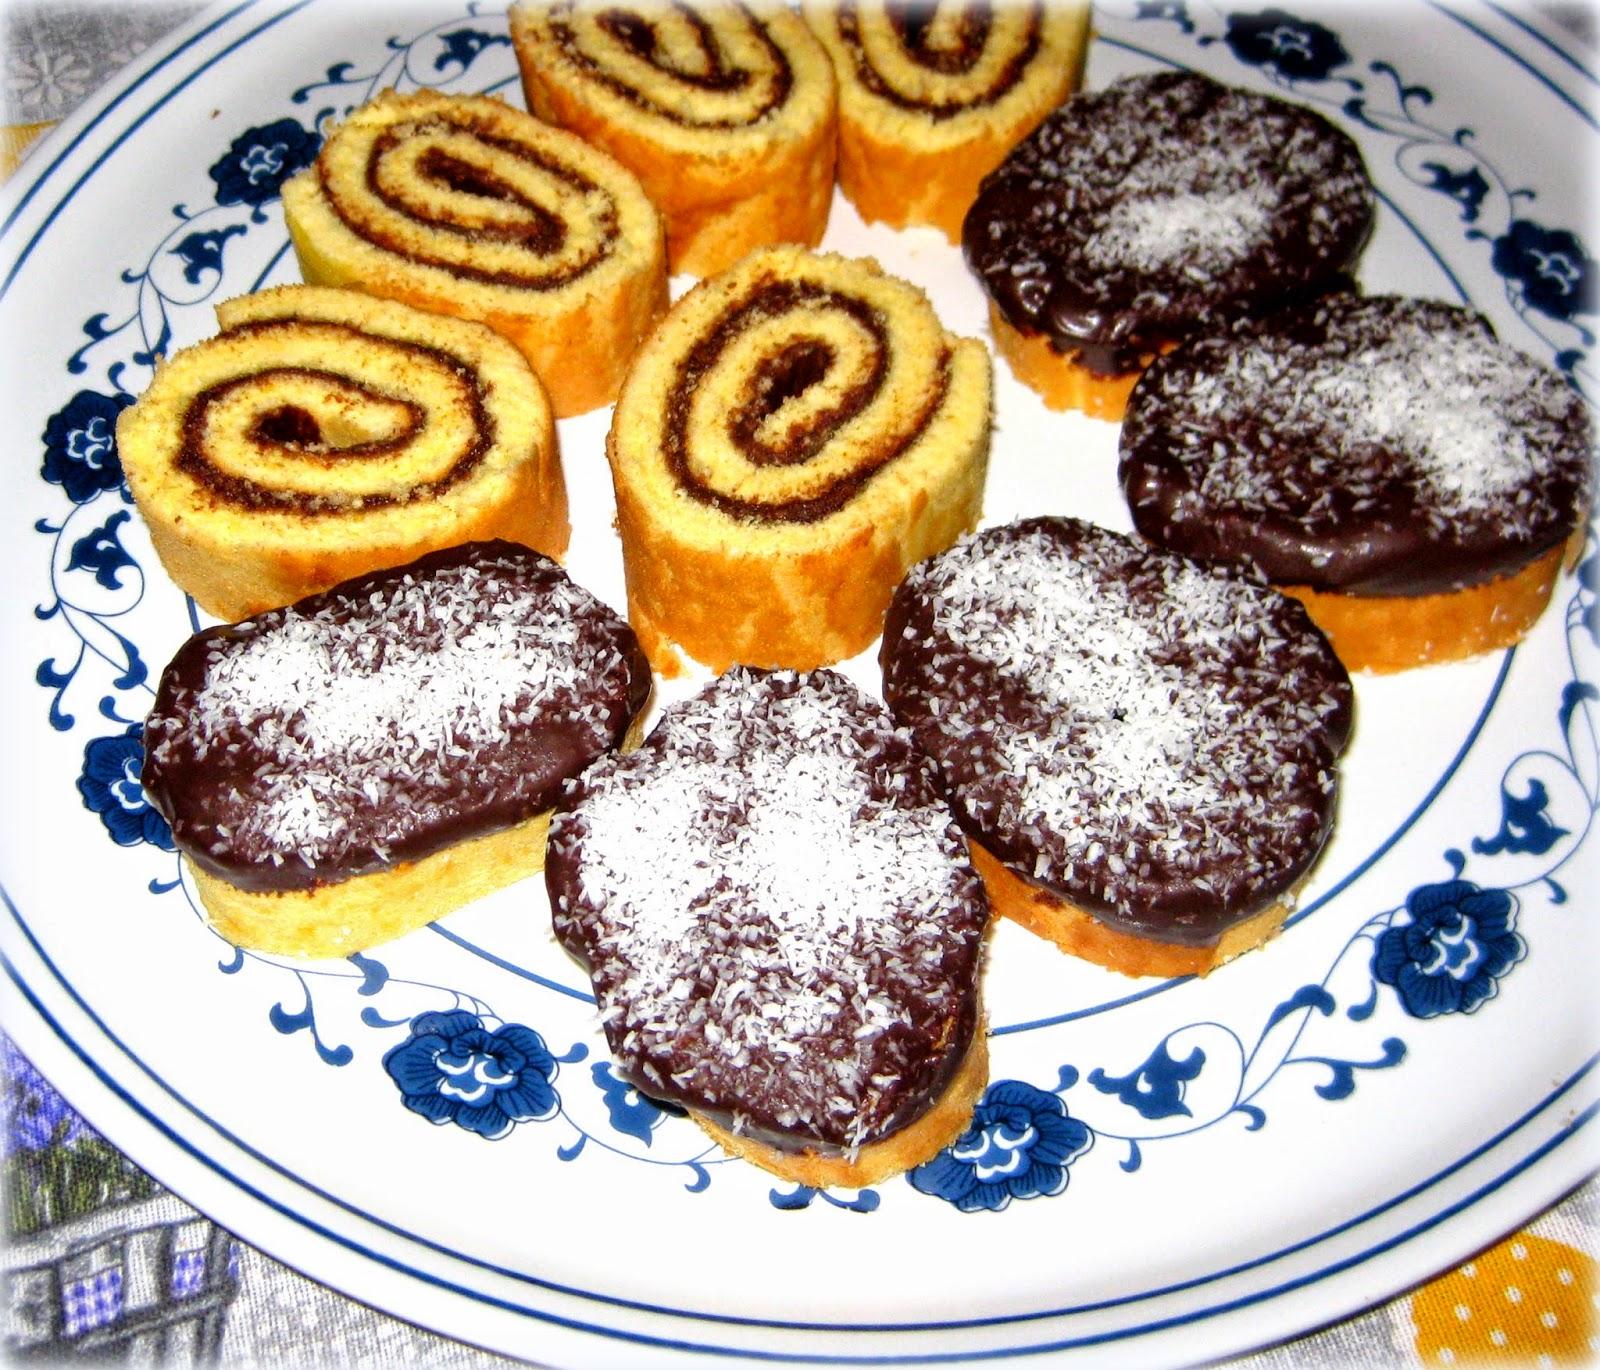 La ricetta del Rotolo alla Nutella è perfetta per i palati di grandi e piccini: un rotolo di pan di spagna farcito con nutella.